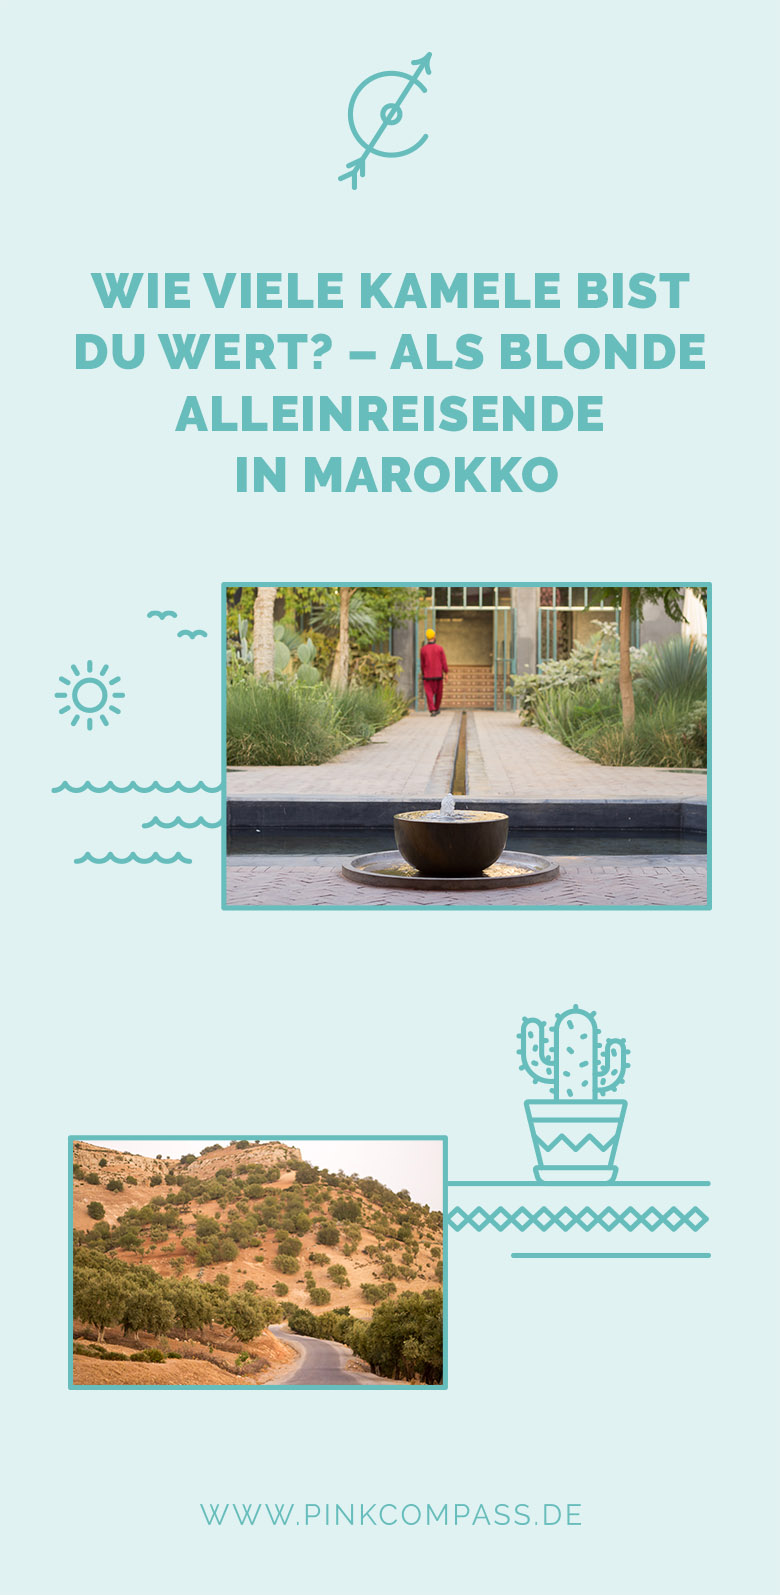 So reist Du alleine als Frau in Marokko